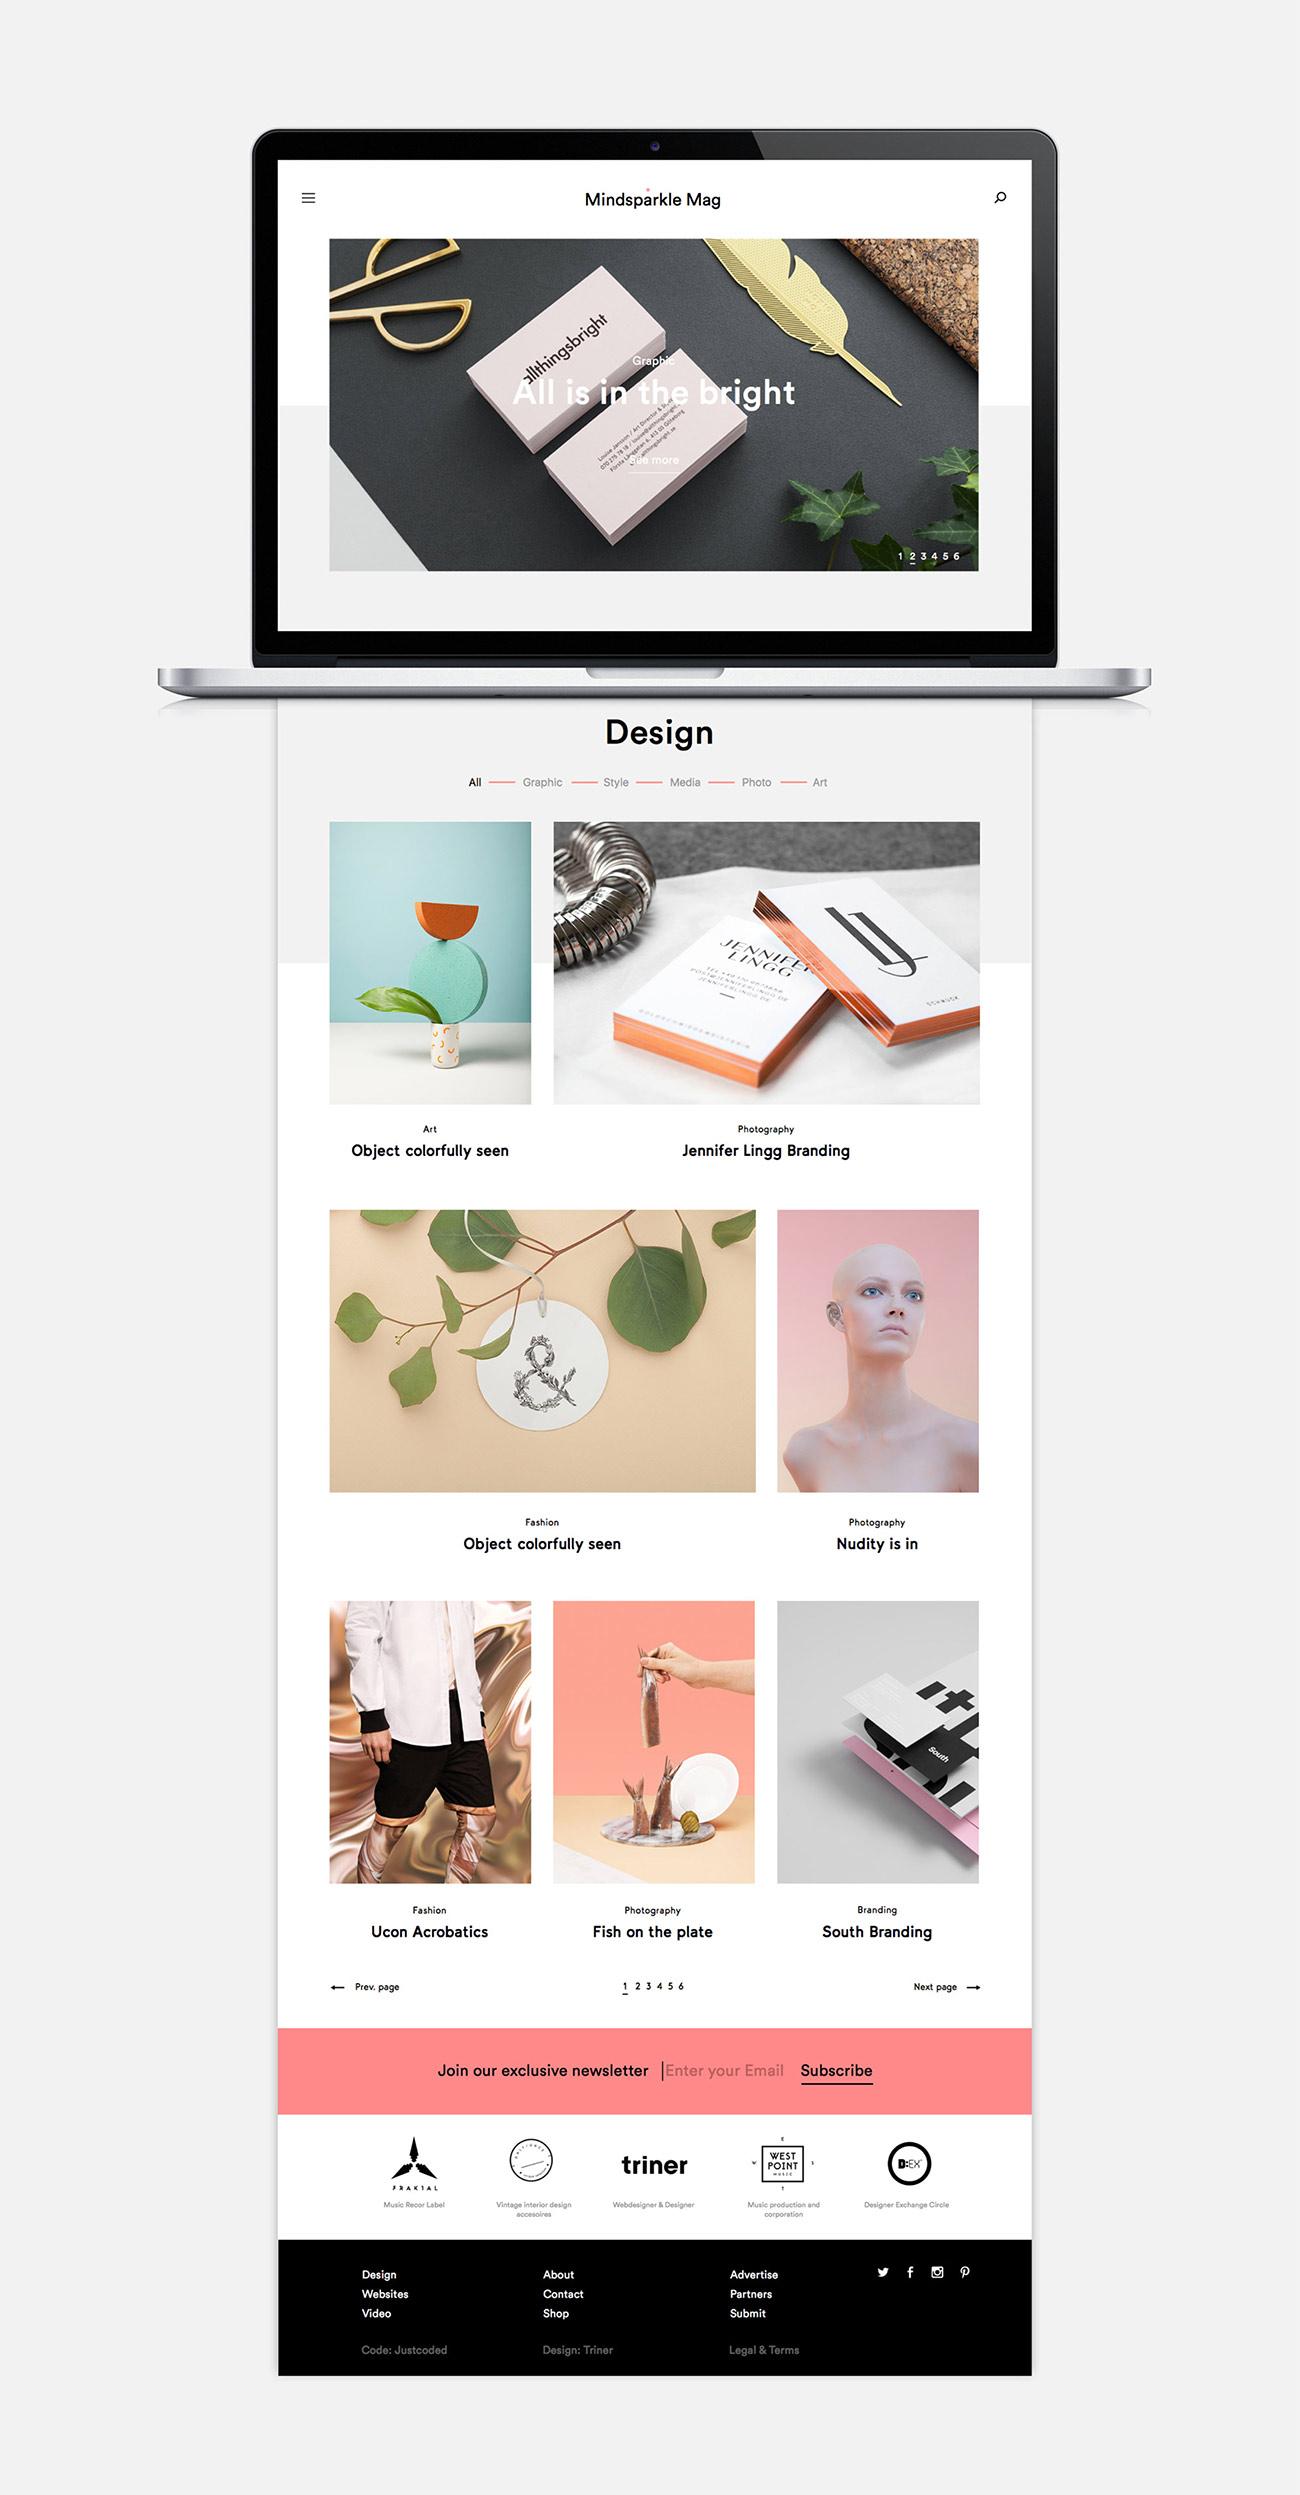 kr_1612_mindsparkle_mag_mindsparkle-mag-hq-designblog-by-filip-triner-2